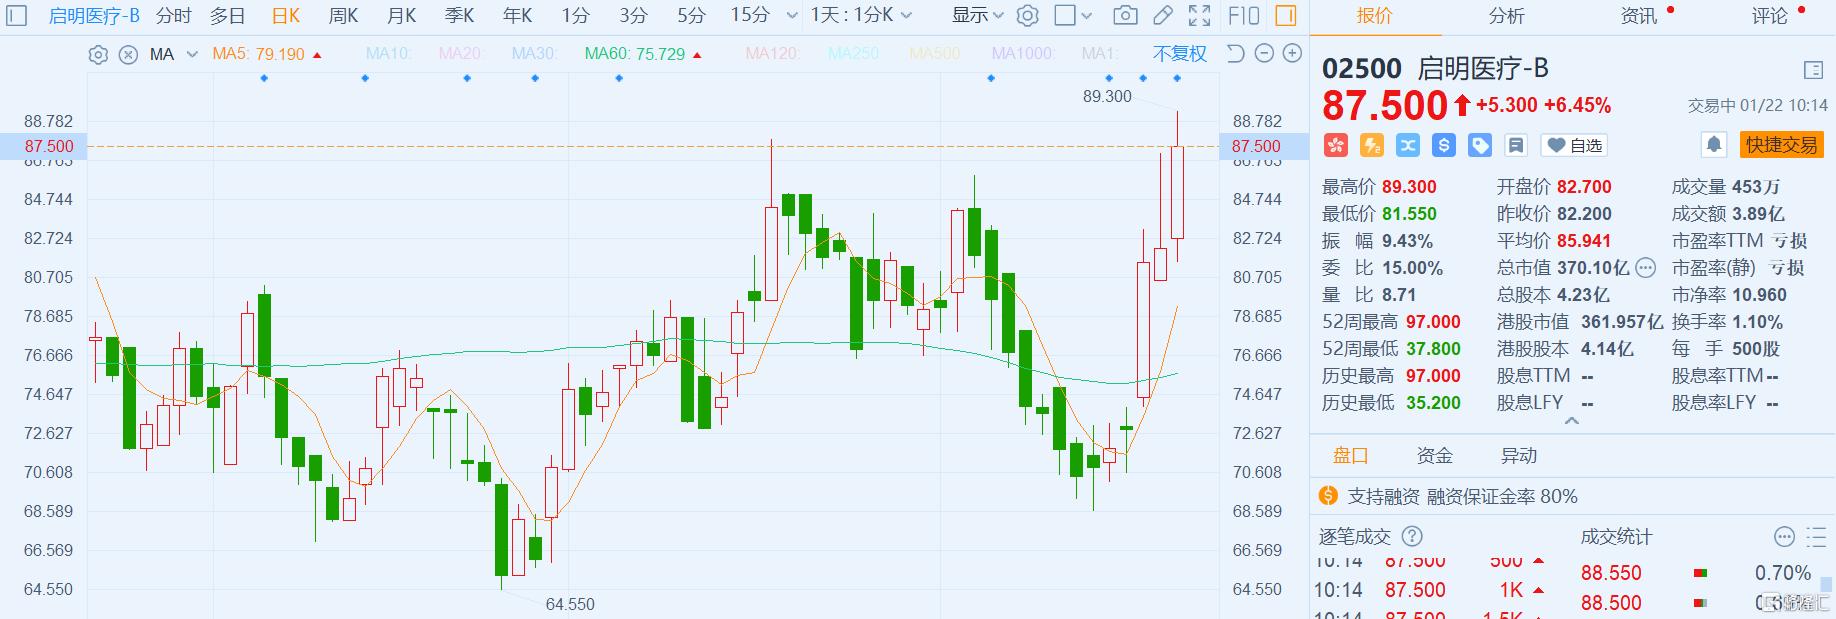 港股异动丨启明医疗-B(2500.HK)涨6.45% 低折价配股净筹14.27亿港元